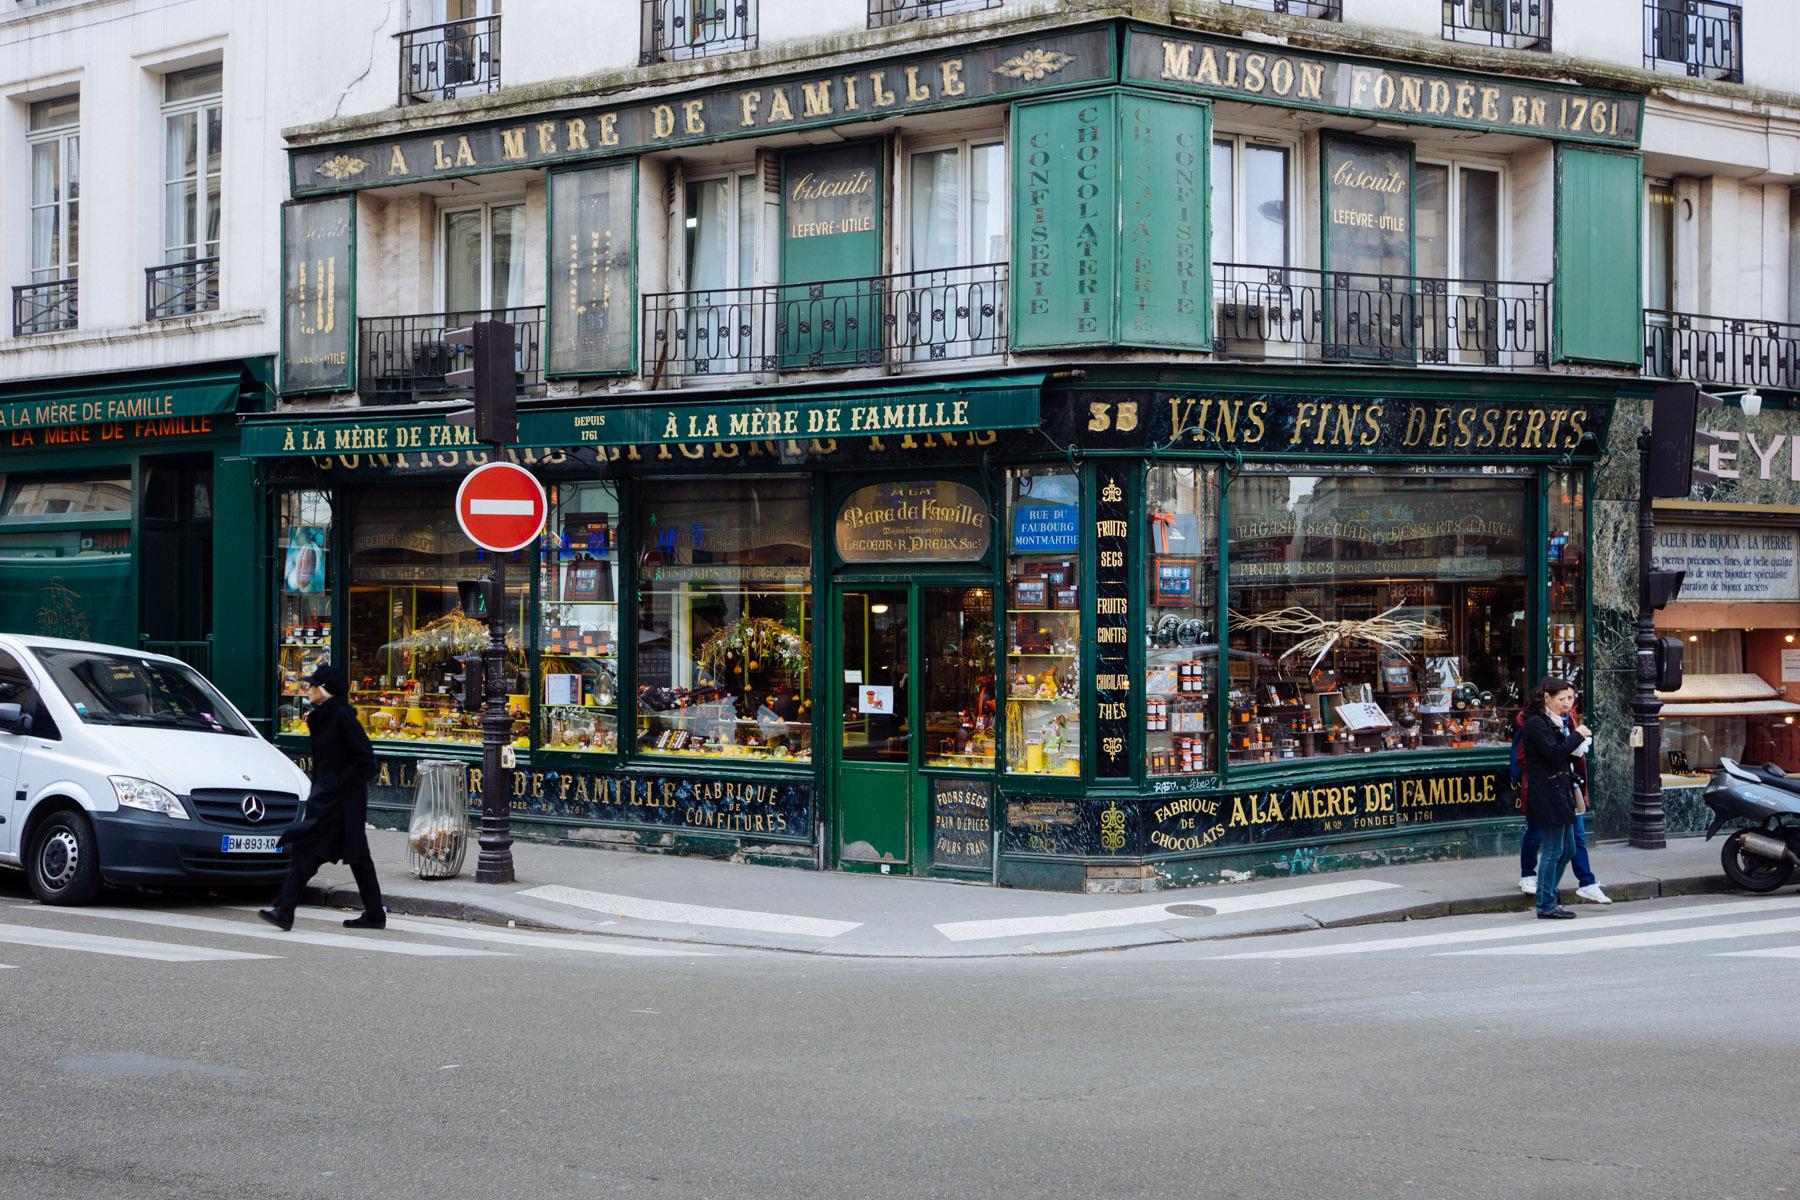 a-la-mere-de-famille-paris-best-candy-shop-confectionary-chocolate-1